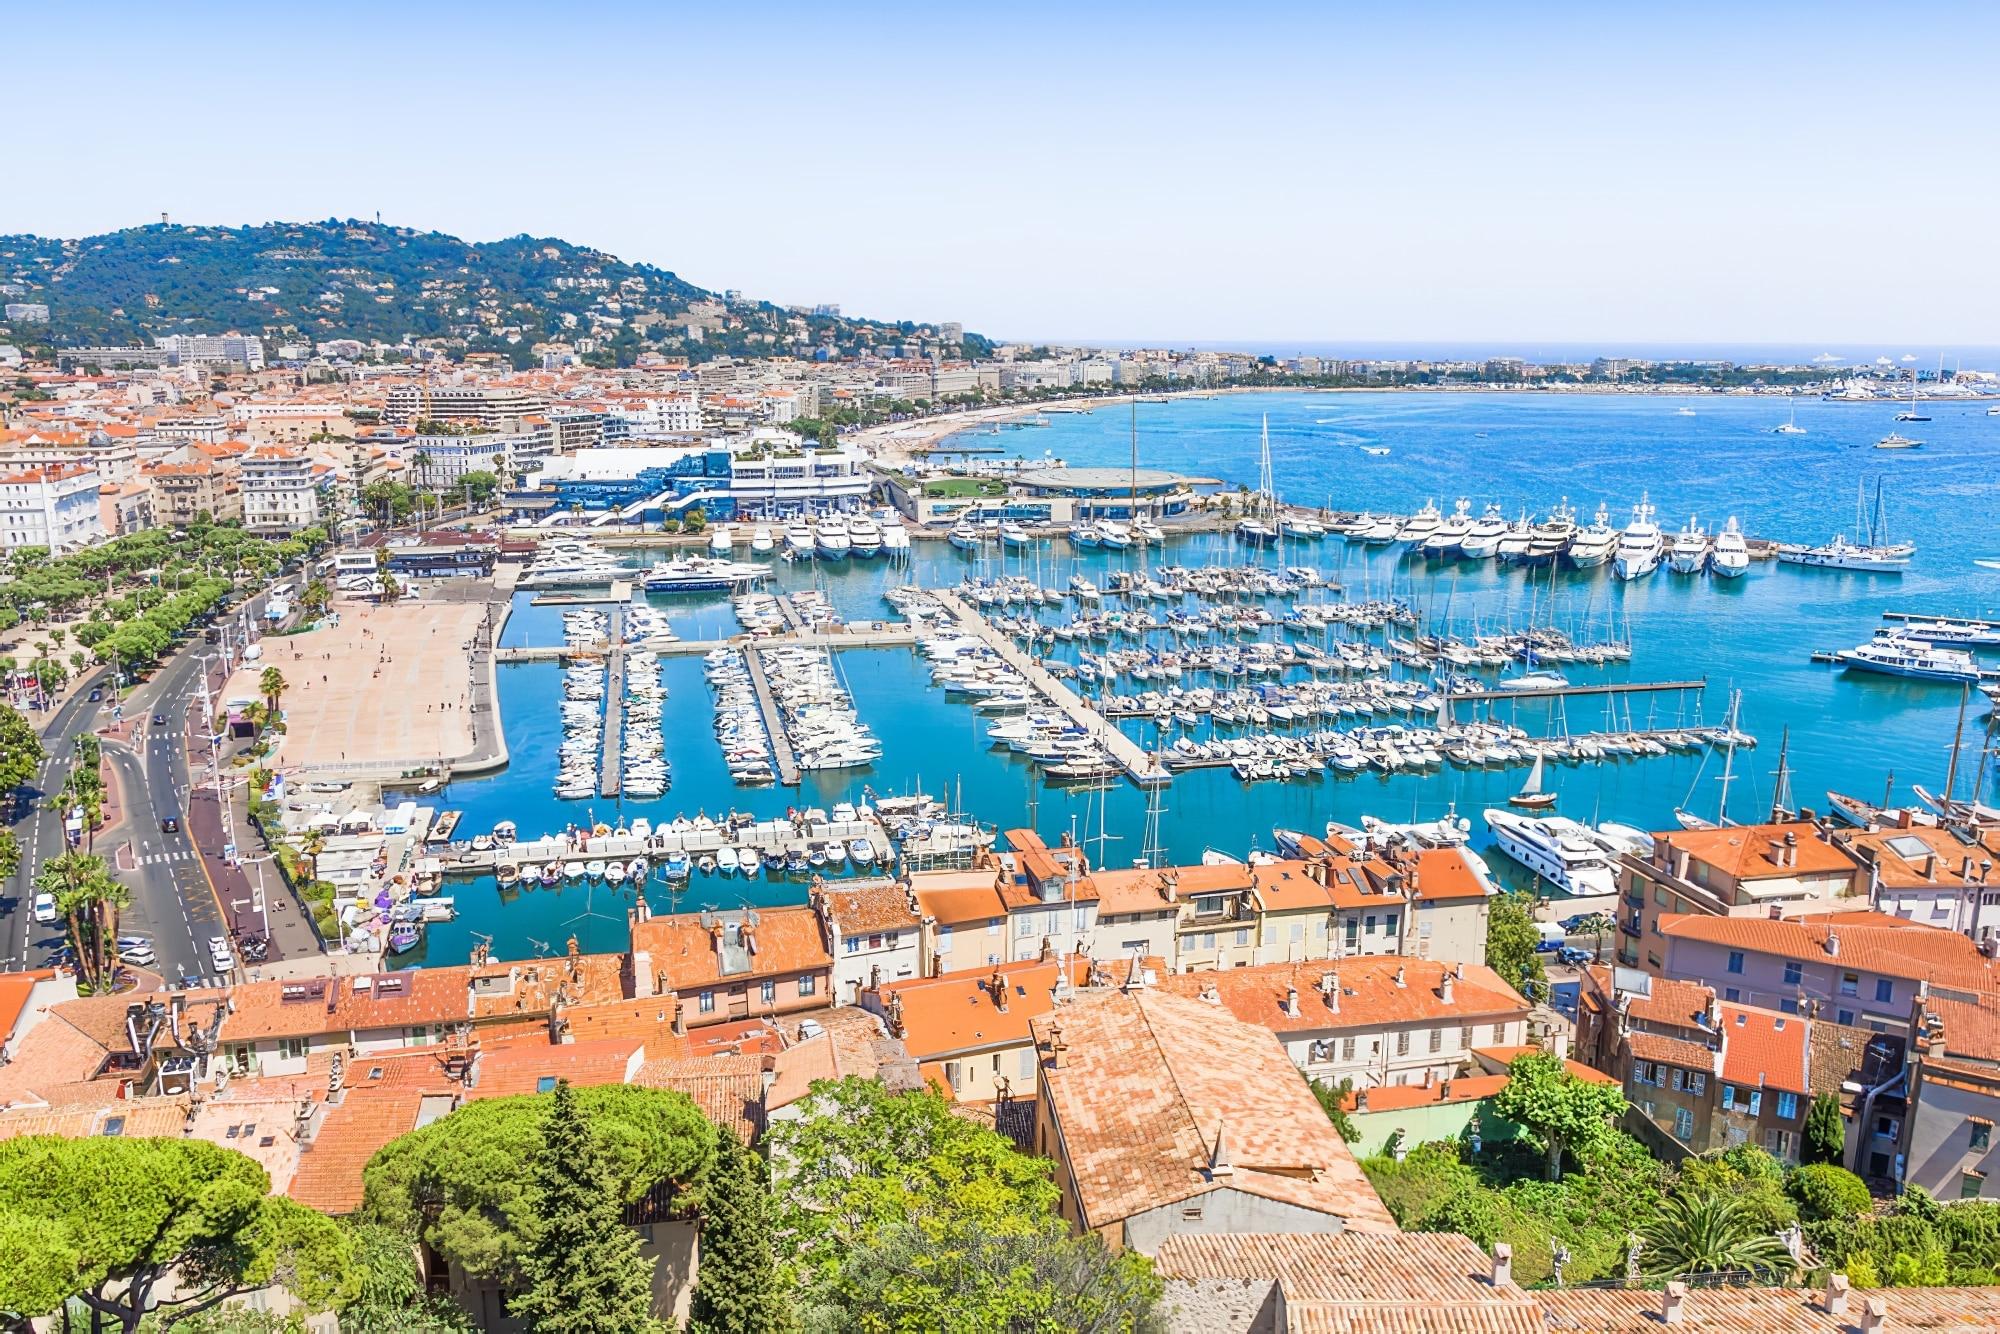 Location de jet ski à Cannes : Jet ski à Cannes 3